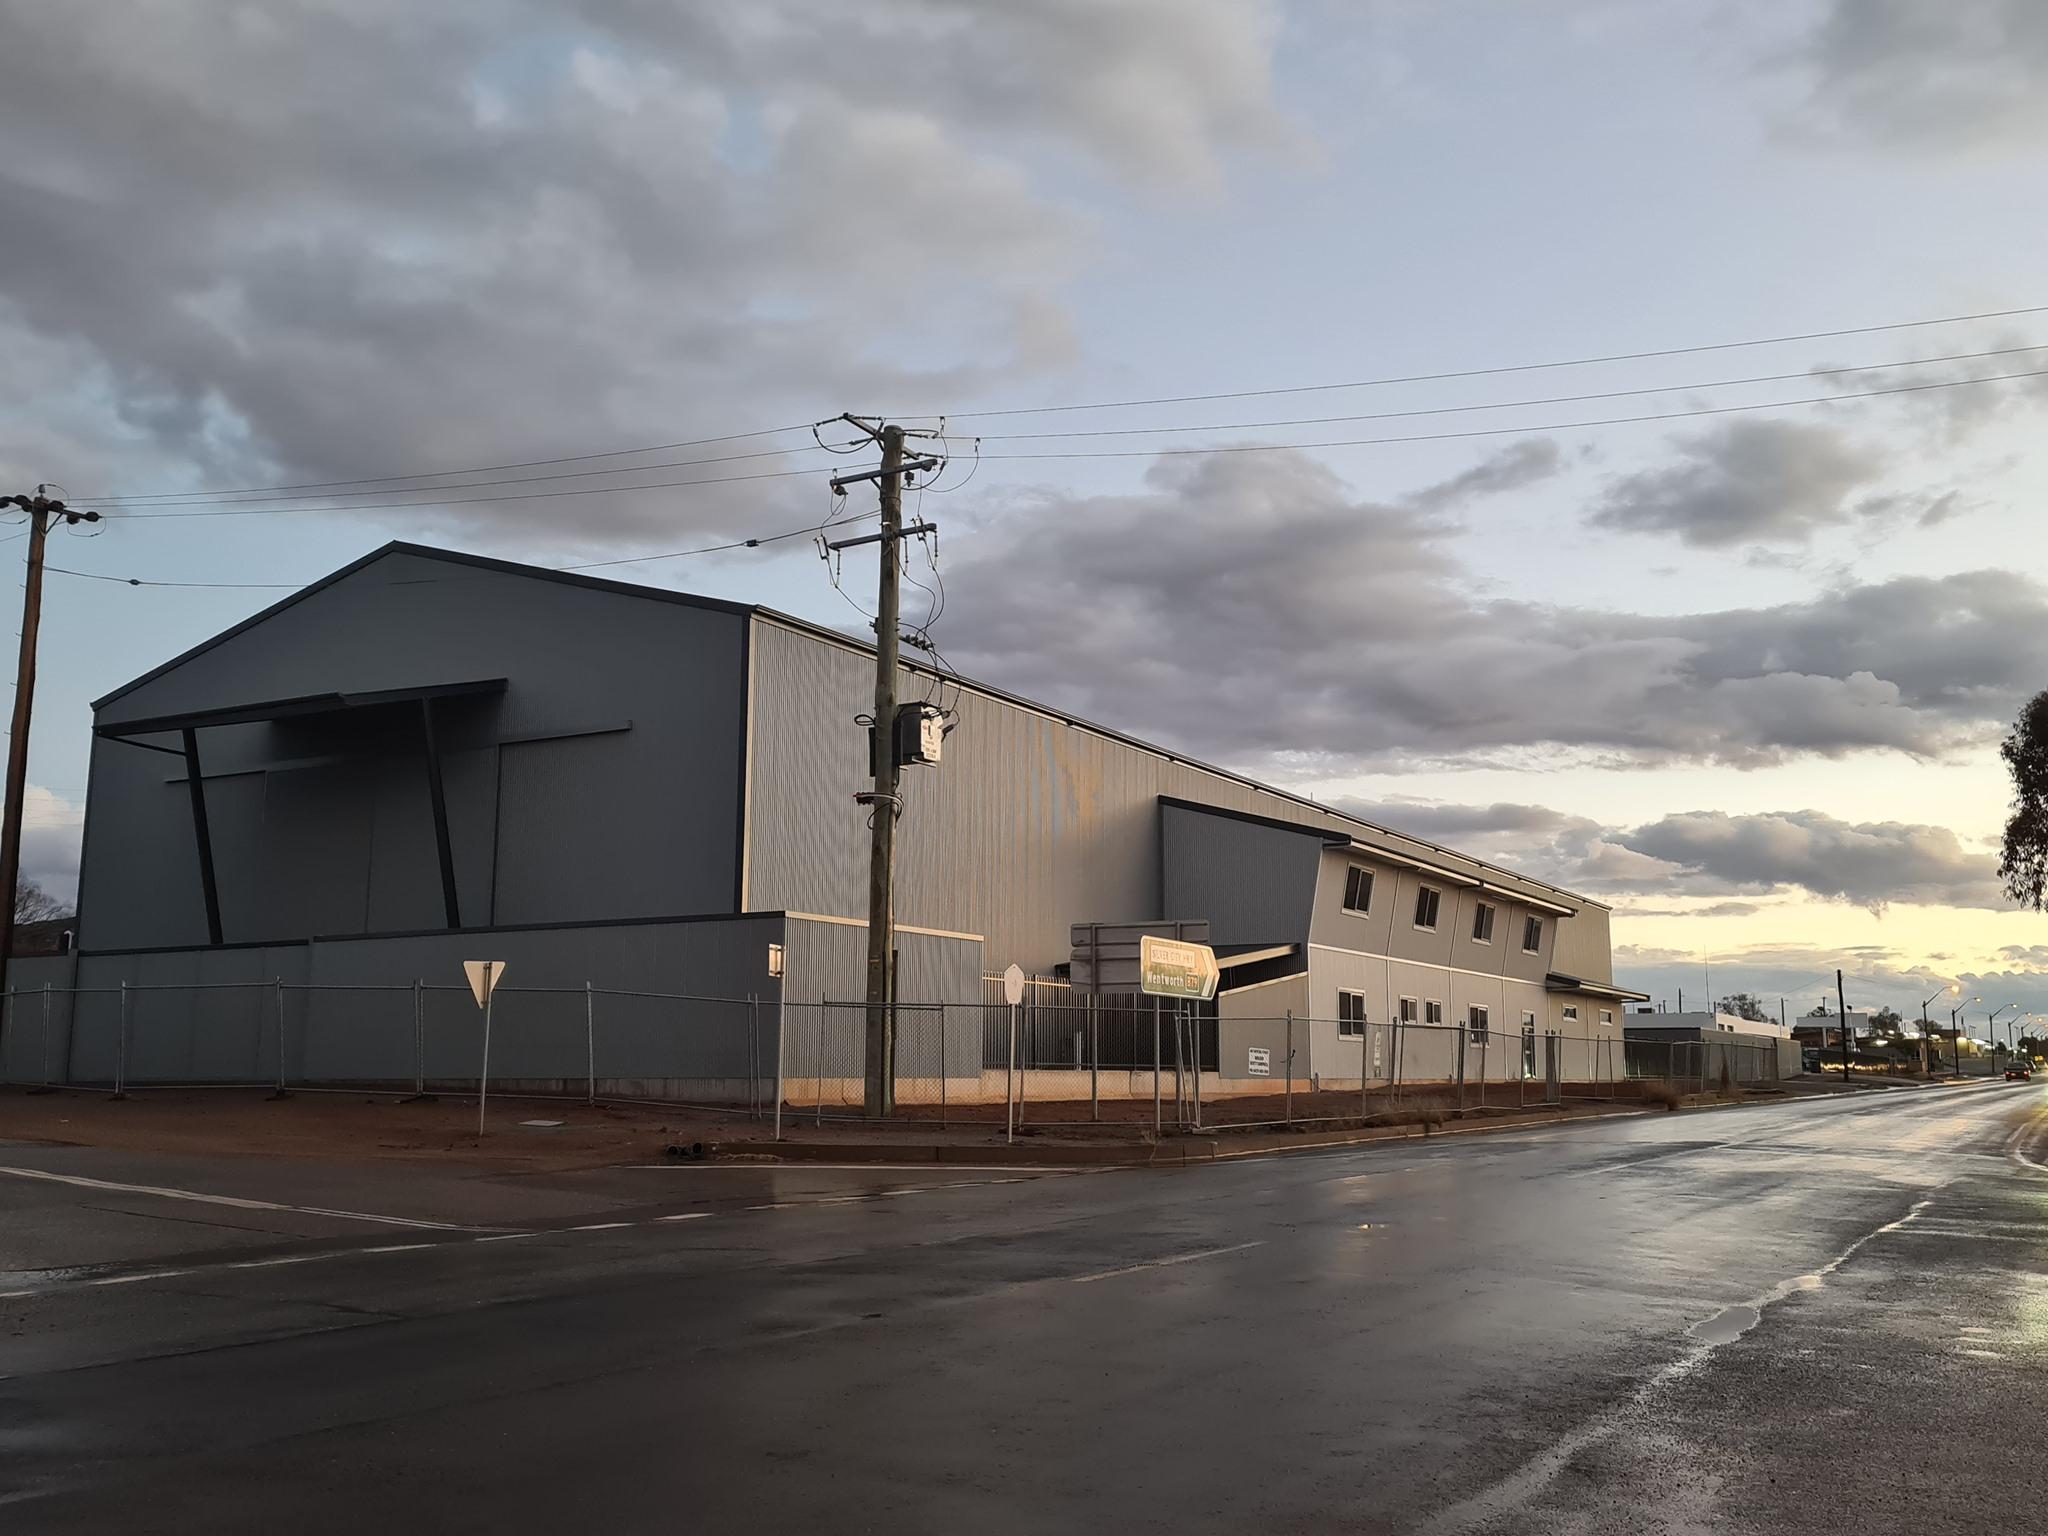 Nejaim Steel Supplies 80KW